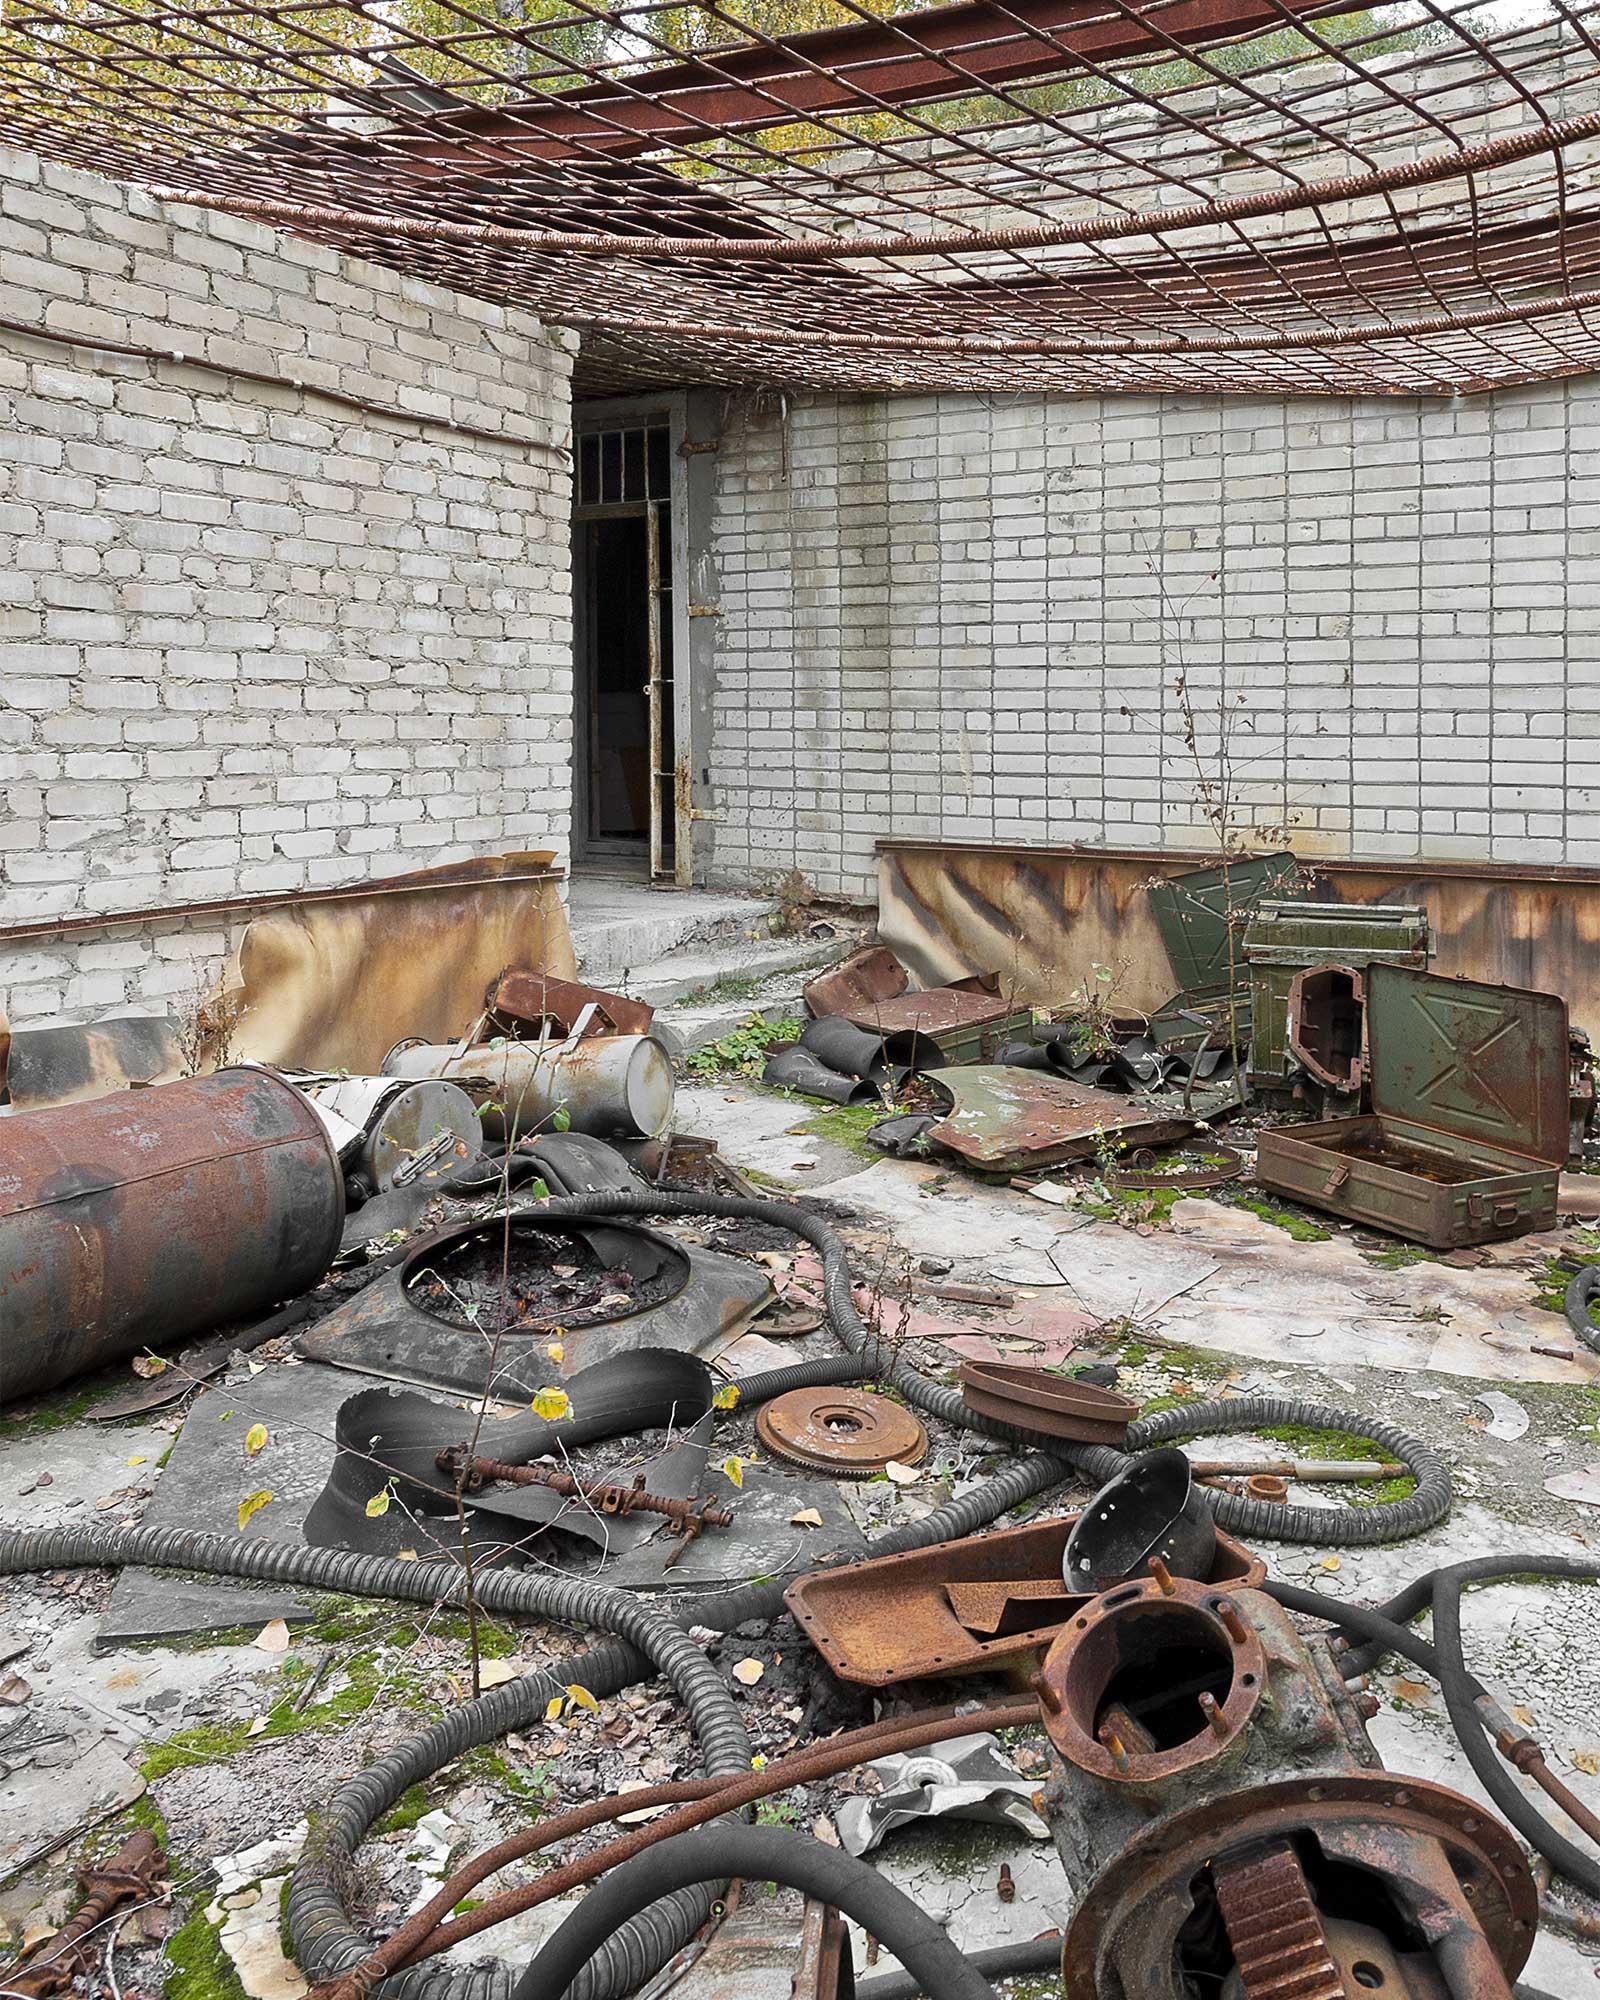 134_chernobyl_PoliceStation_w.jpg